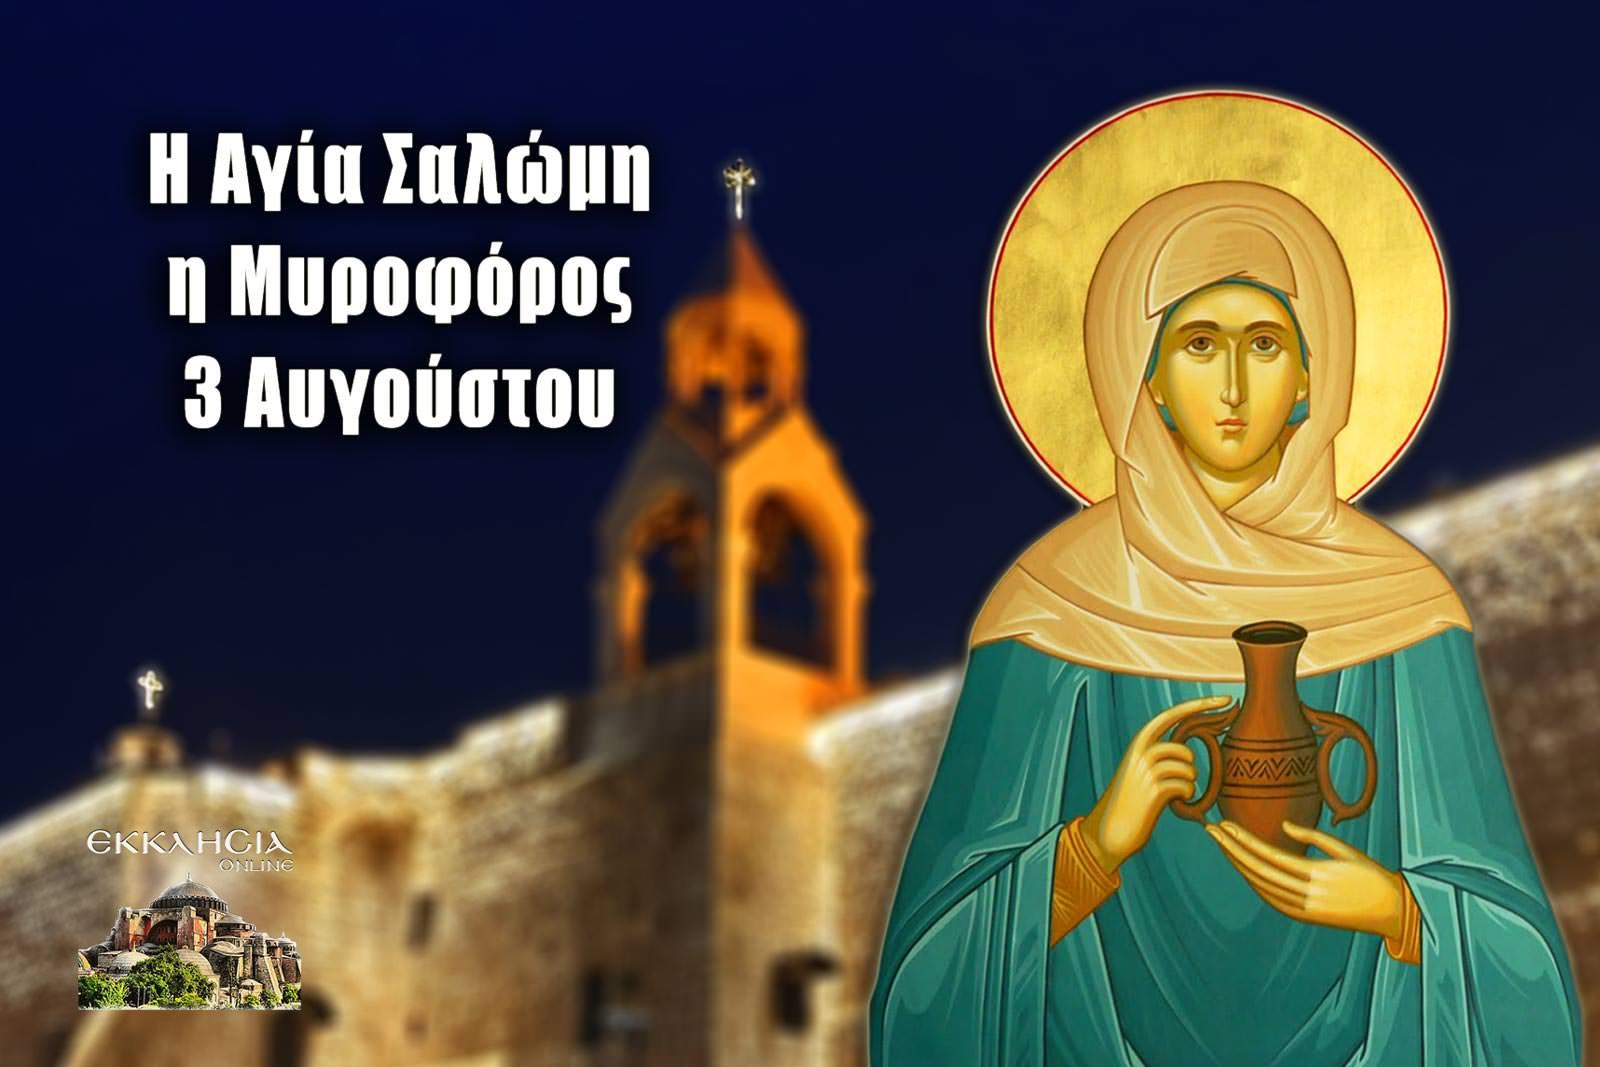 Αγία Σαλώμη η Μυροφόρος 3 Αυγούστου